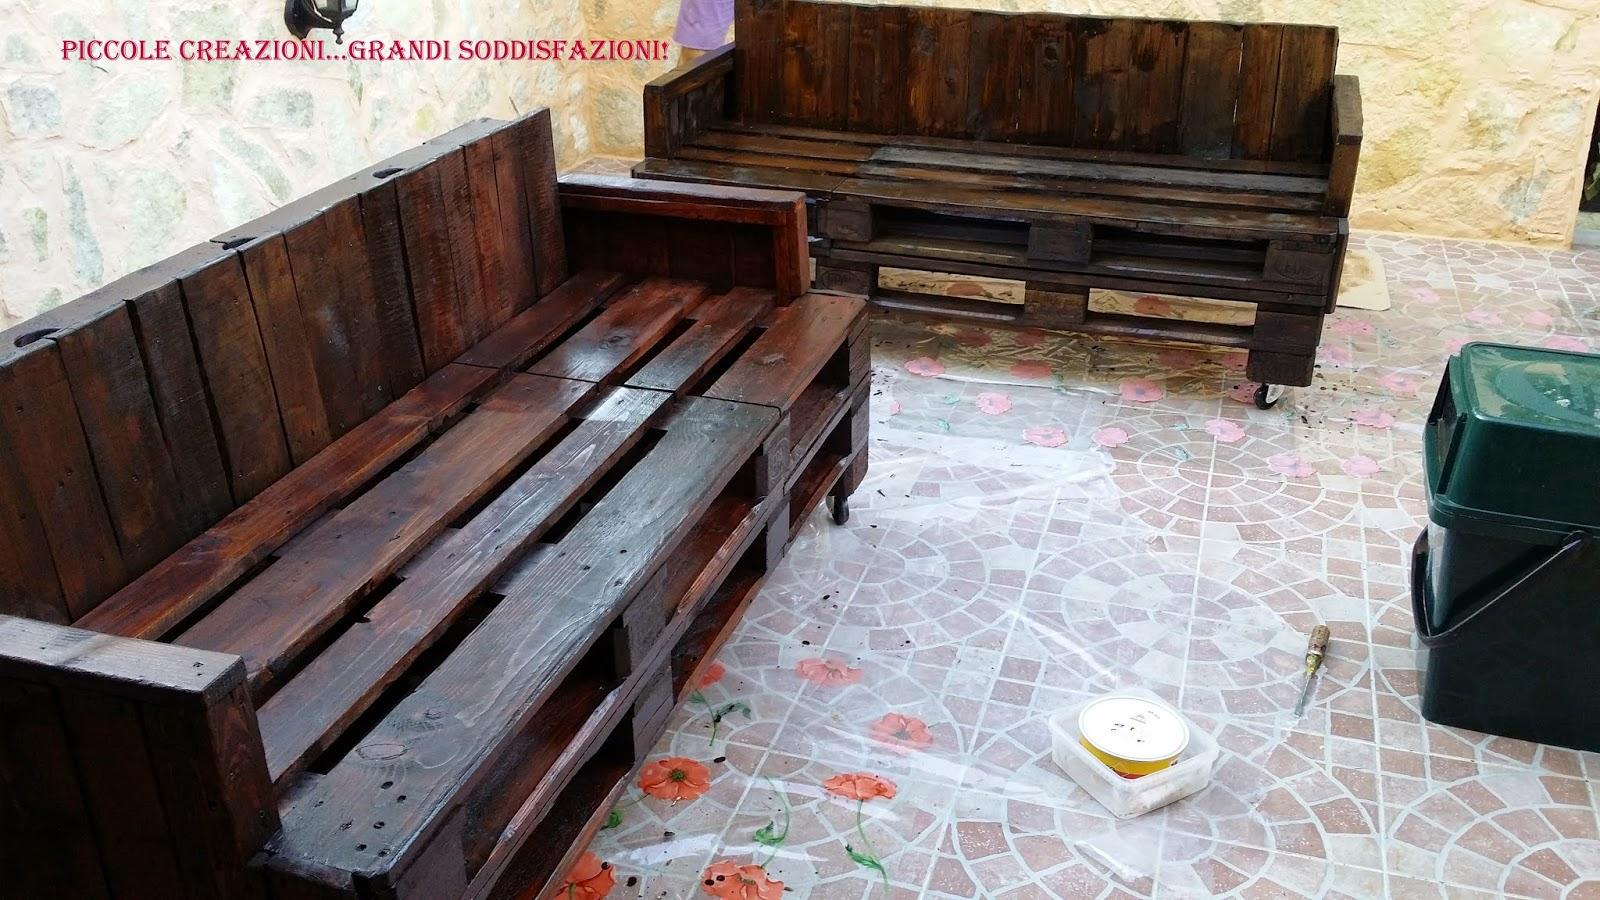 Panche da giardino con pedane epal fatte in casa mobili for Arredamento da giardino con bancali